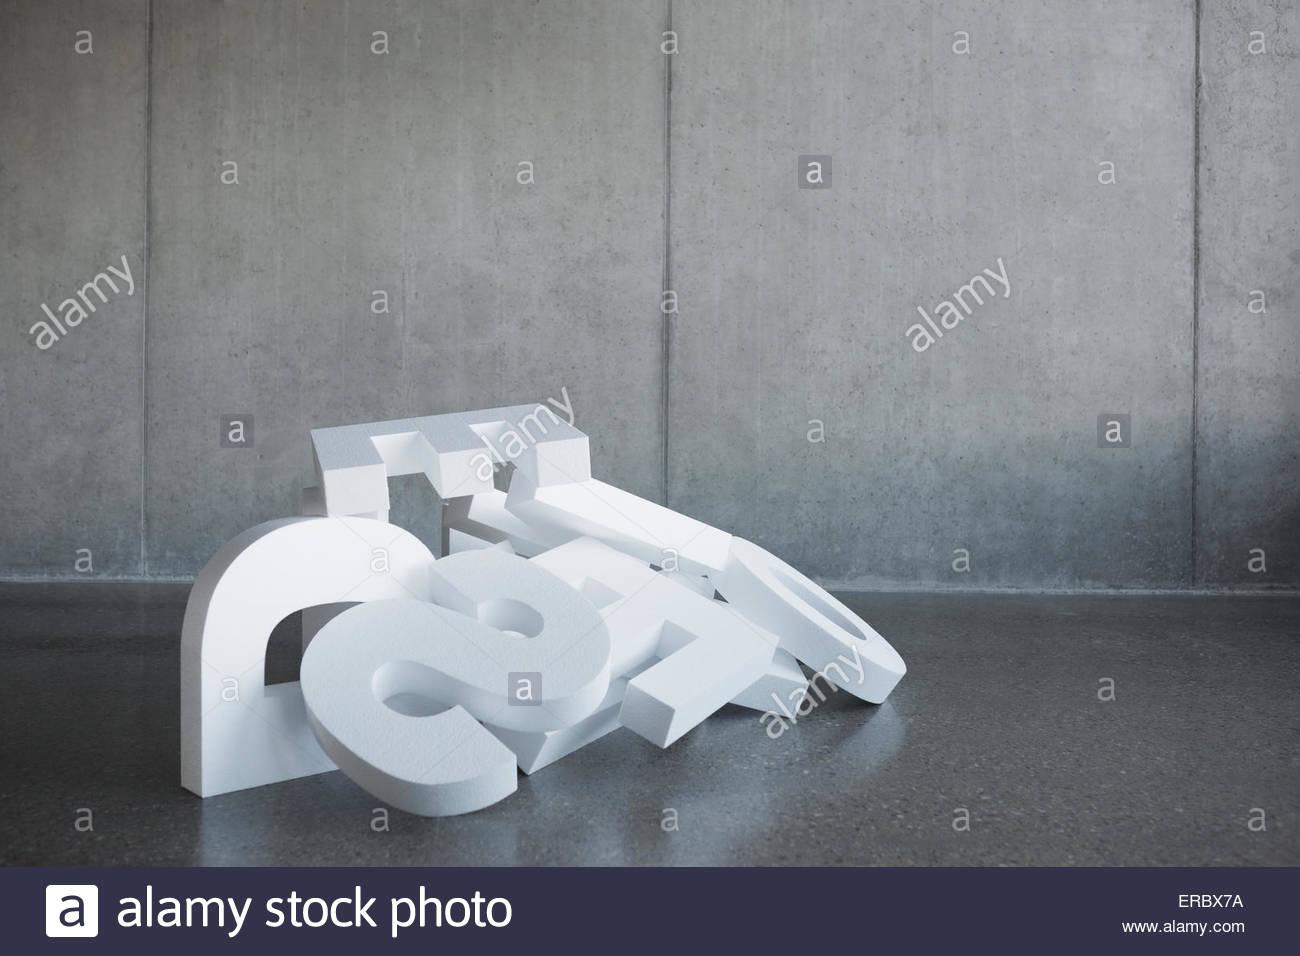 Fallen letters in a heap - Stock Image